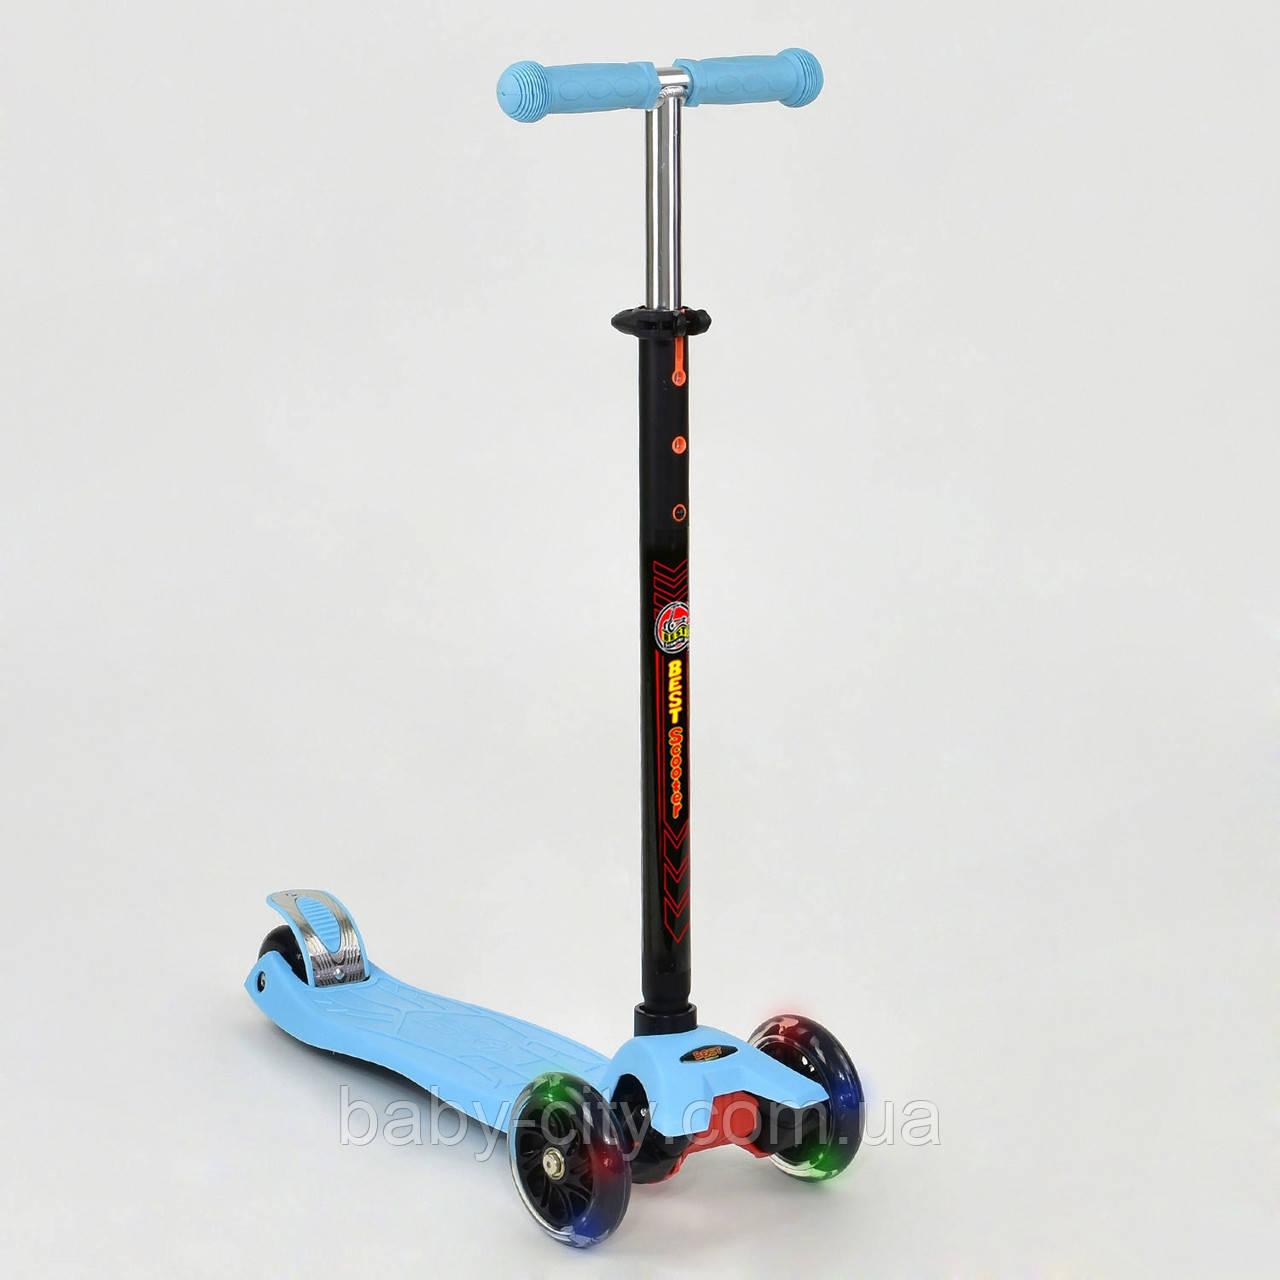 Самокат трехколесный Best Scooter Maxi 466-113 / А 24638 голубой